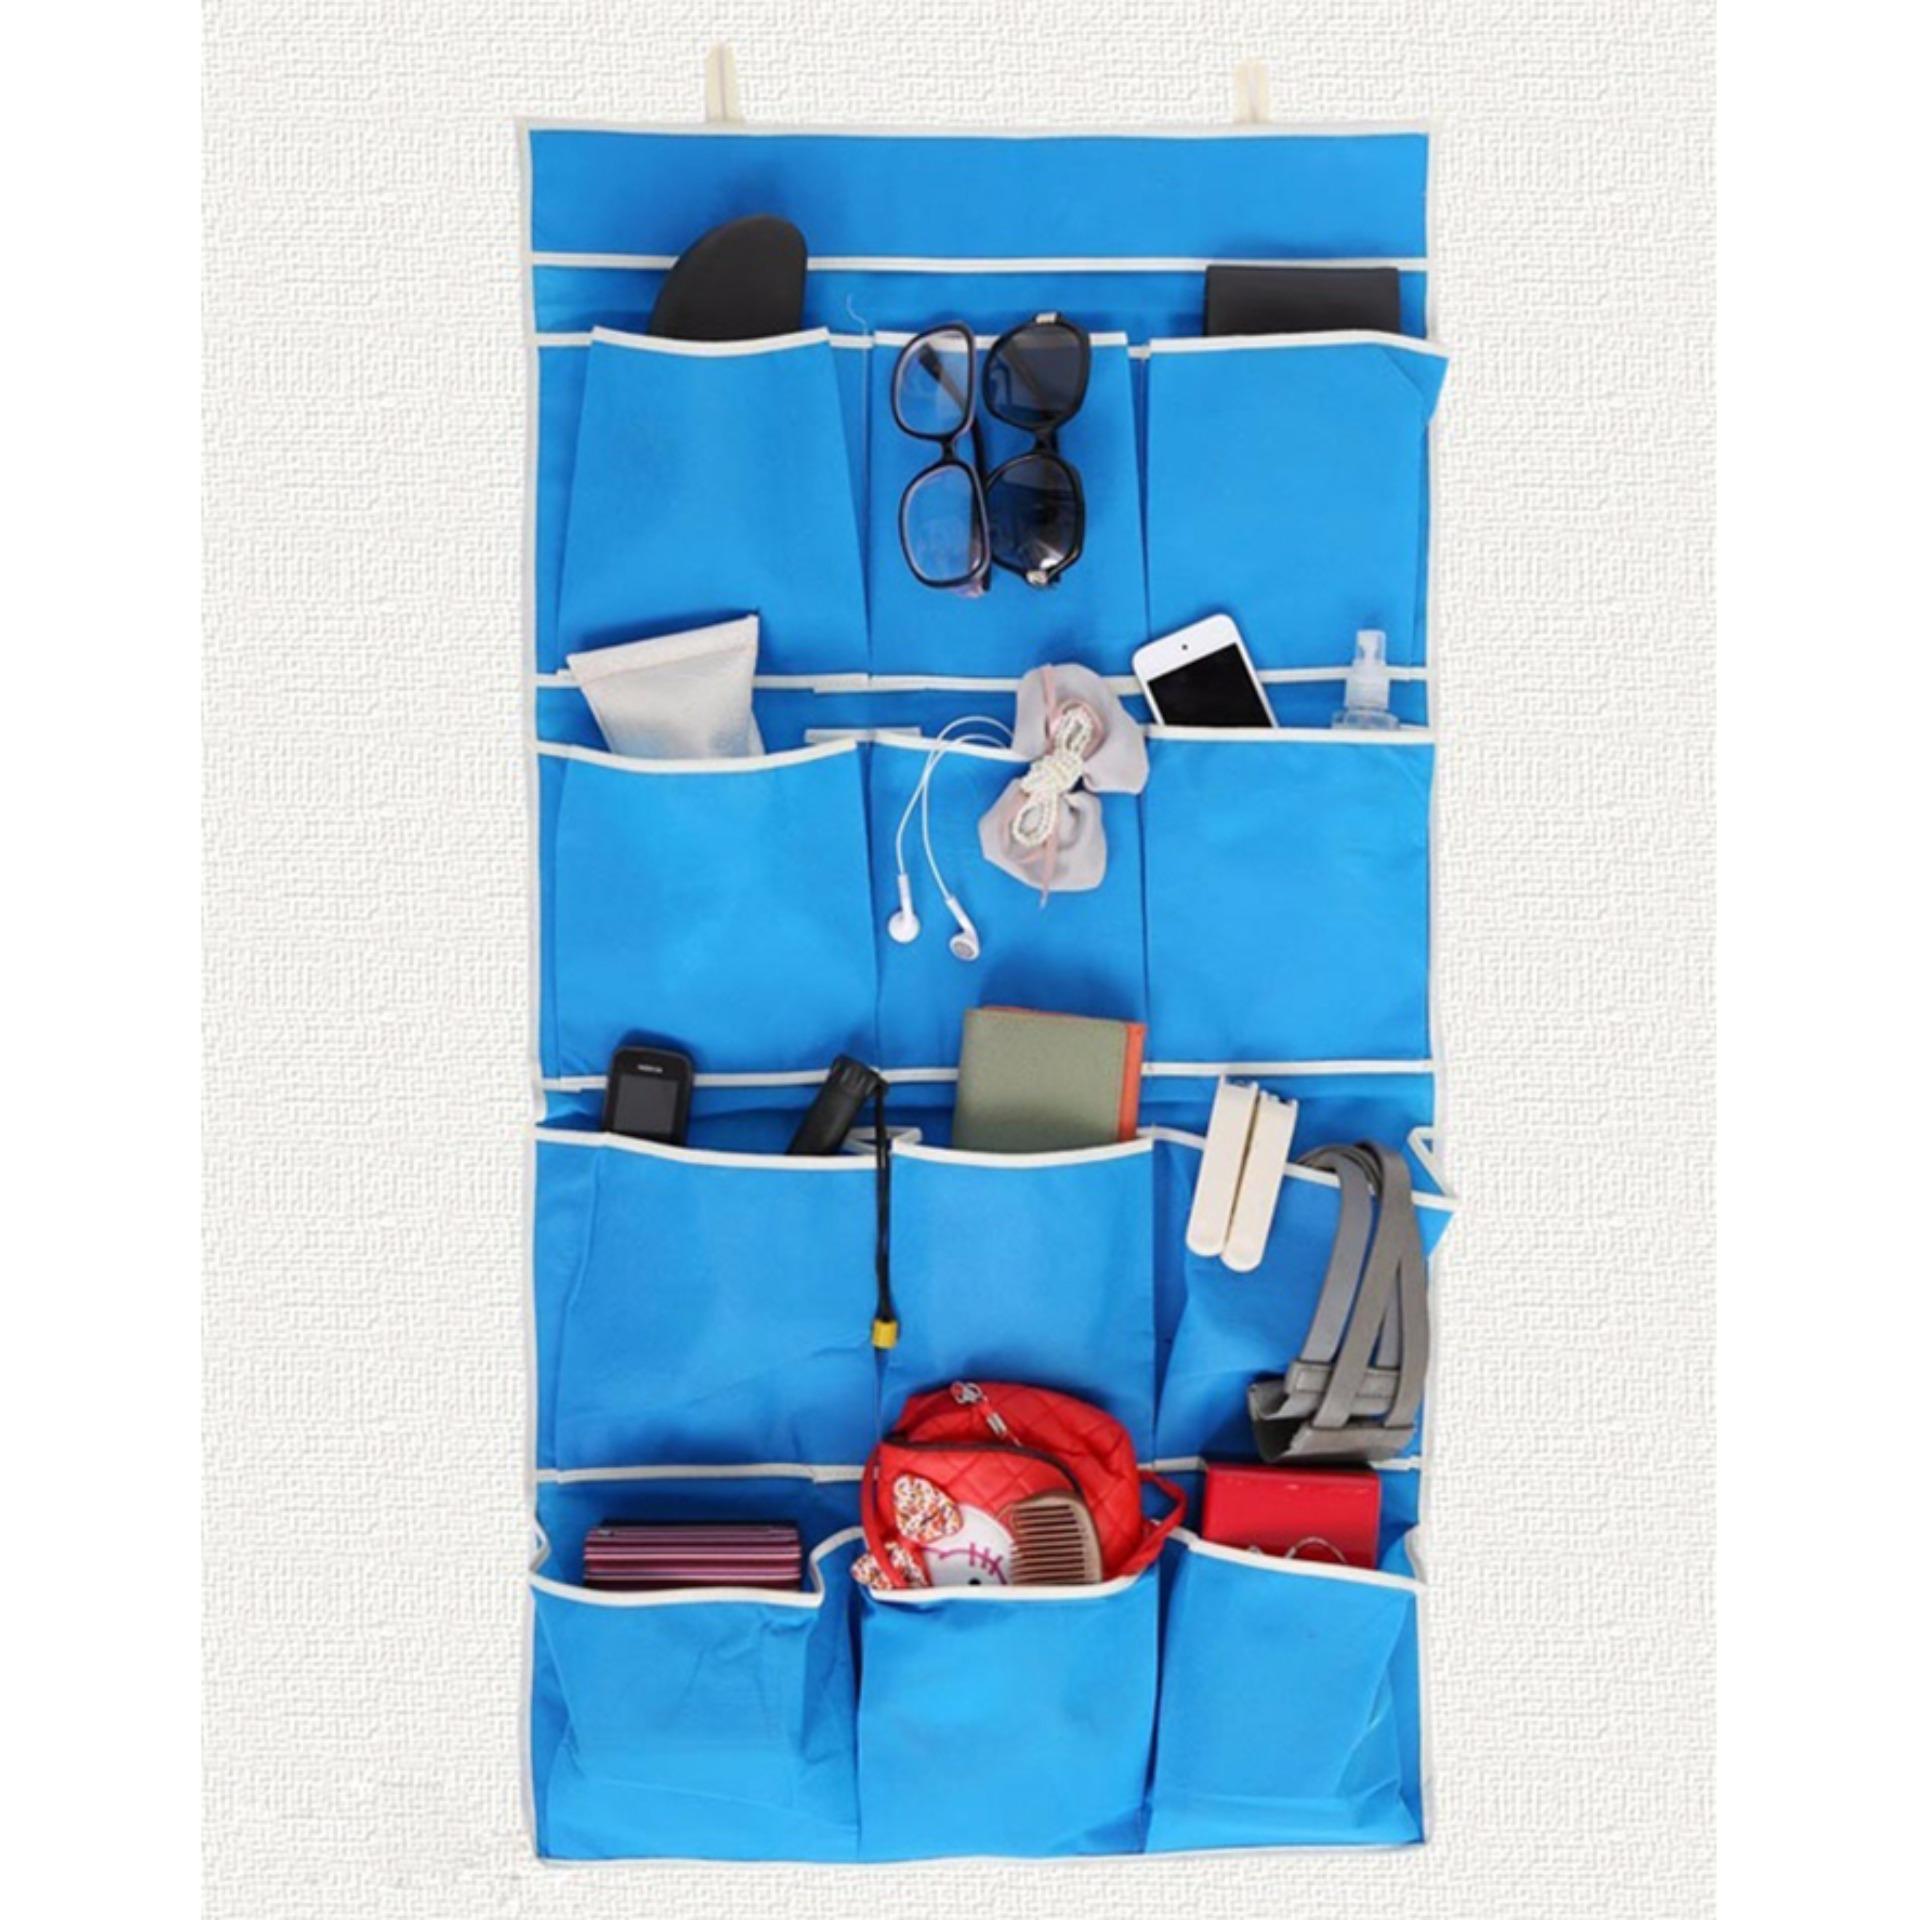 Túi vải treo tường 12 ngăn tiện dụng (xanh) Kmdeal 7772